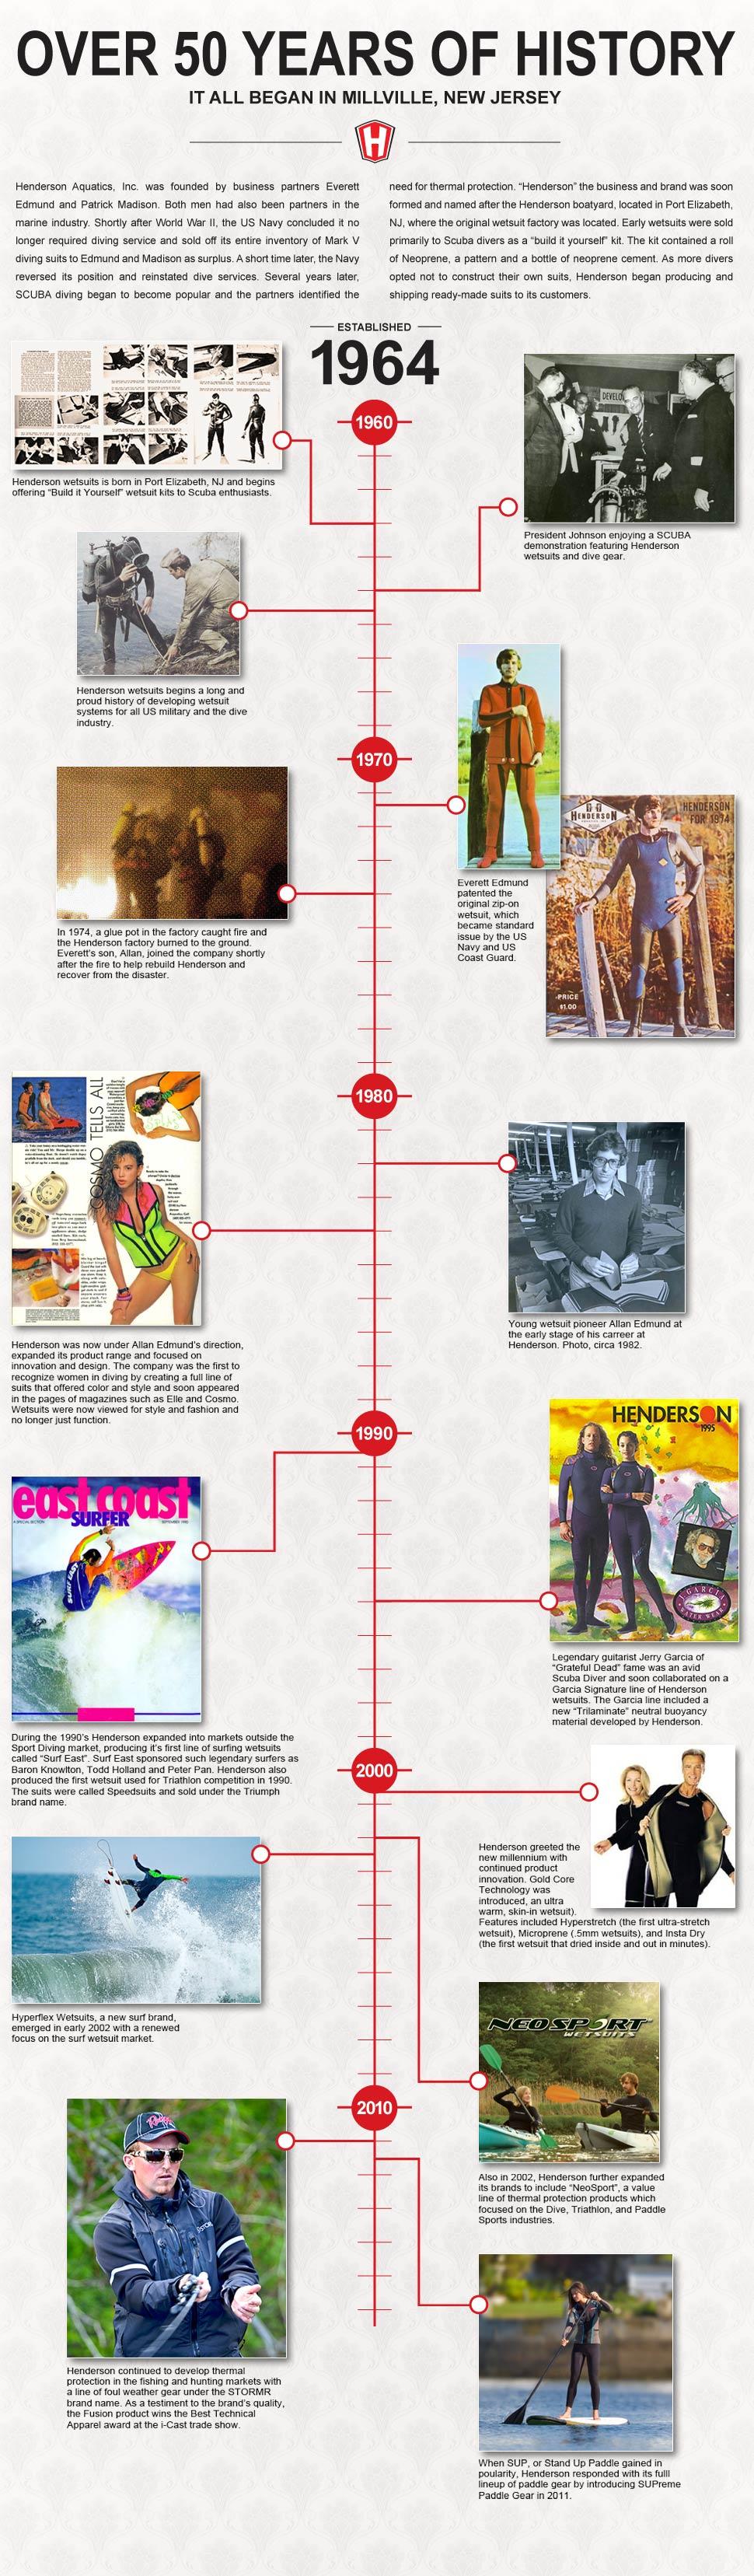 HSG_History_Timeline